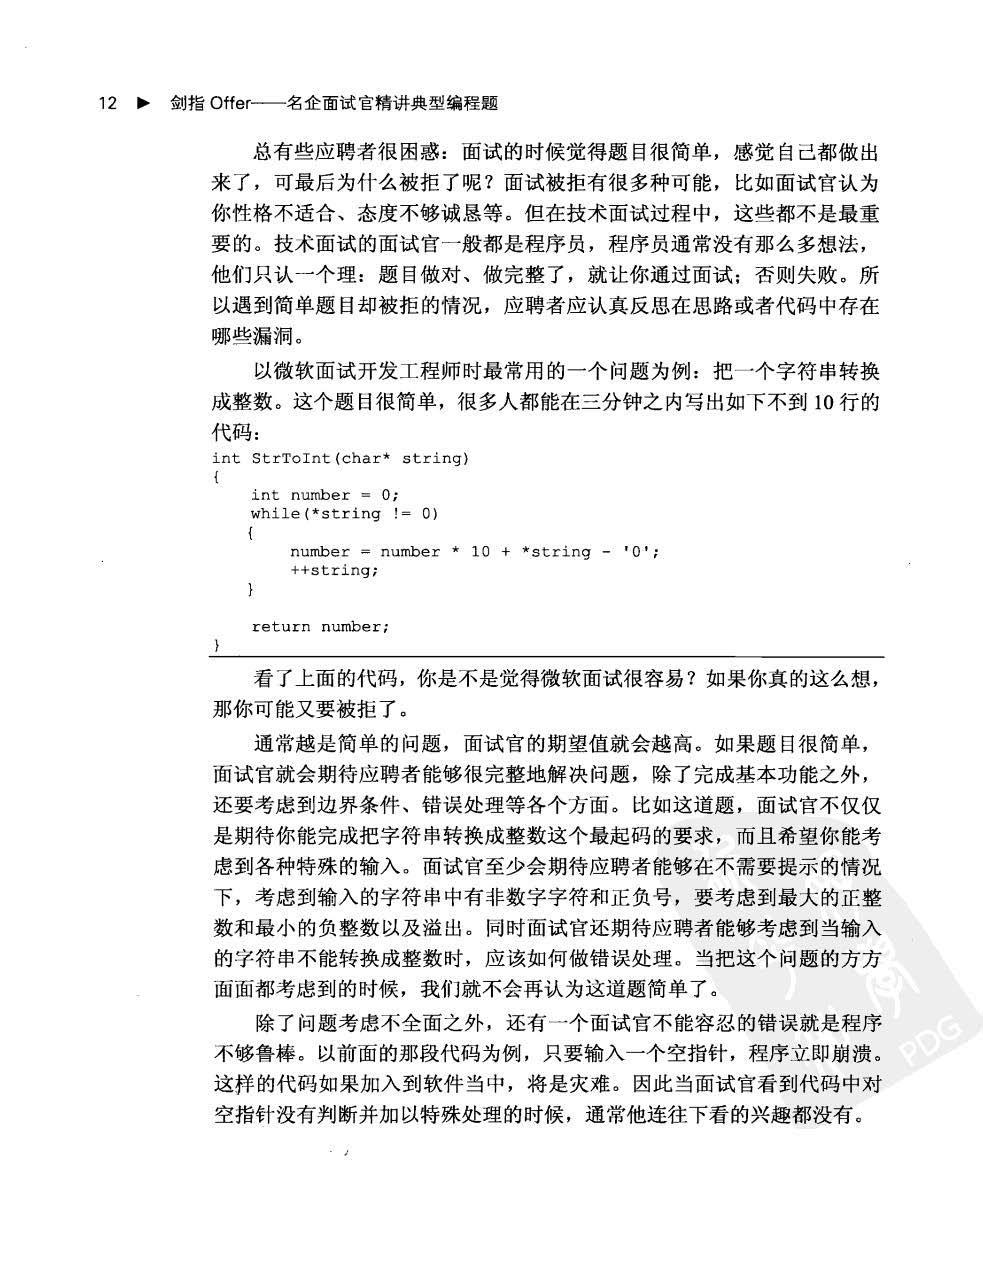 剑指offer 名企面试官精讲典型编程题 29.jpg